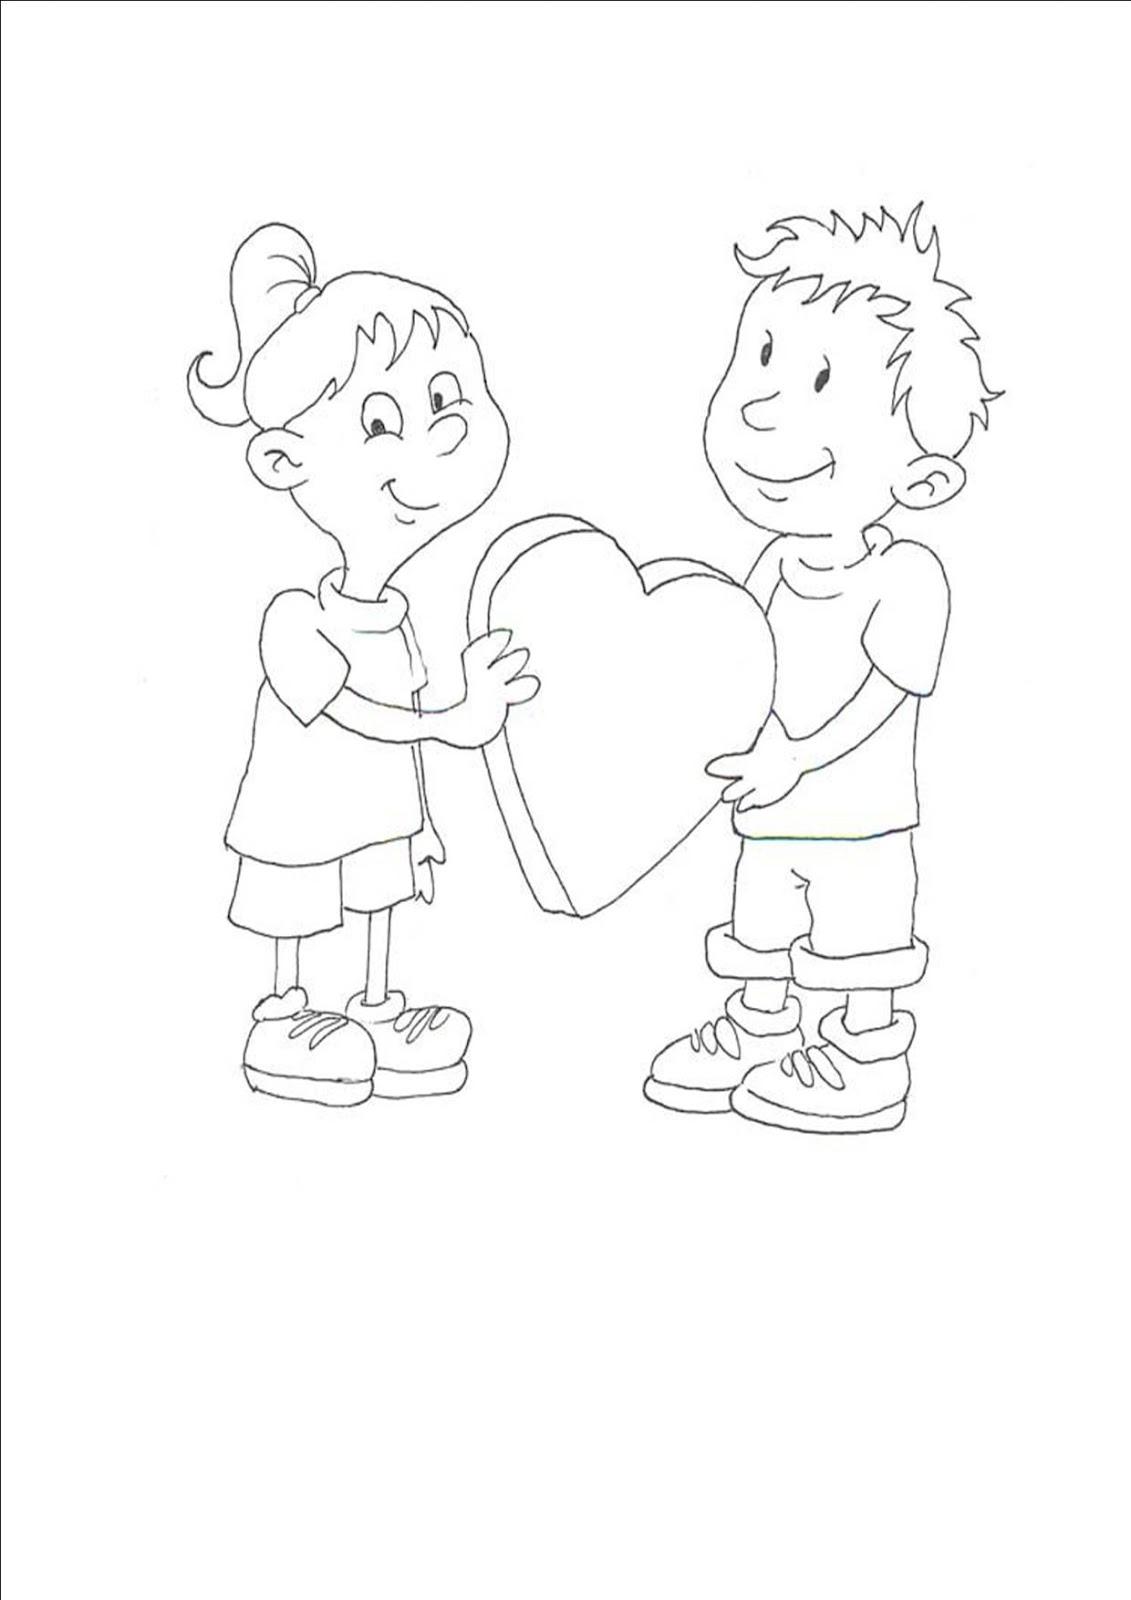 Immagini cuore da colorare - San valentino orso da colorare pagine da colorare ...